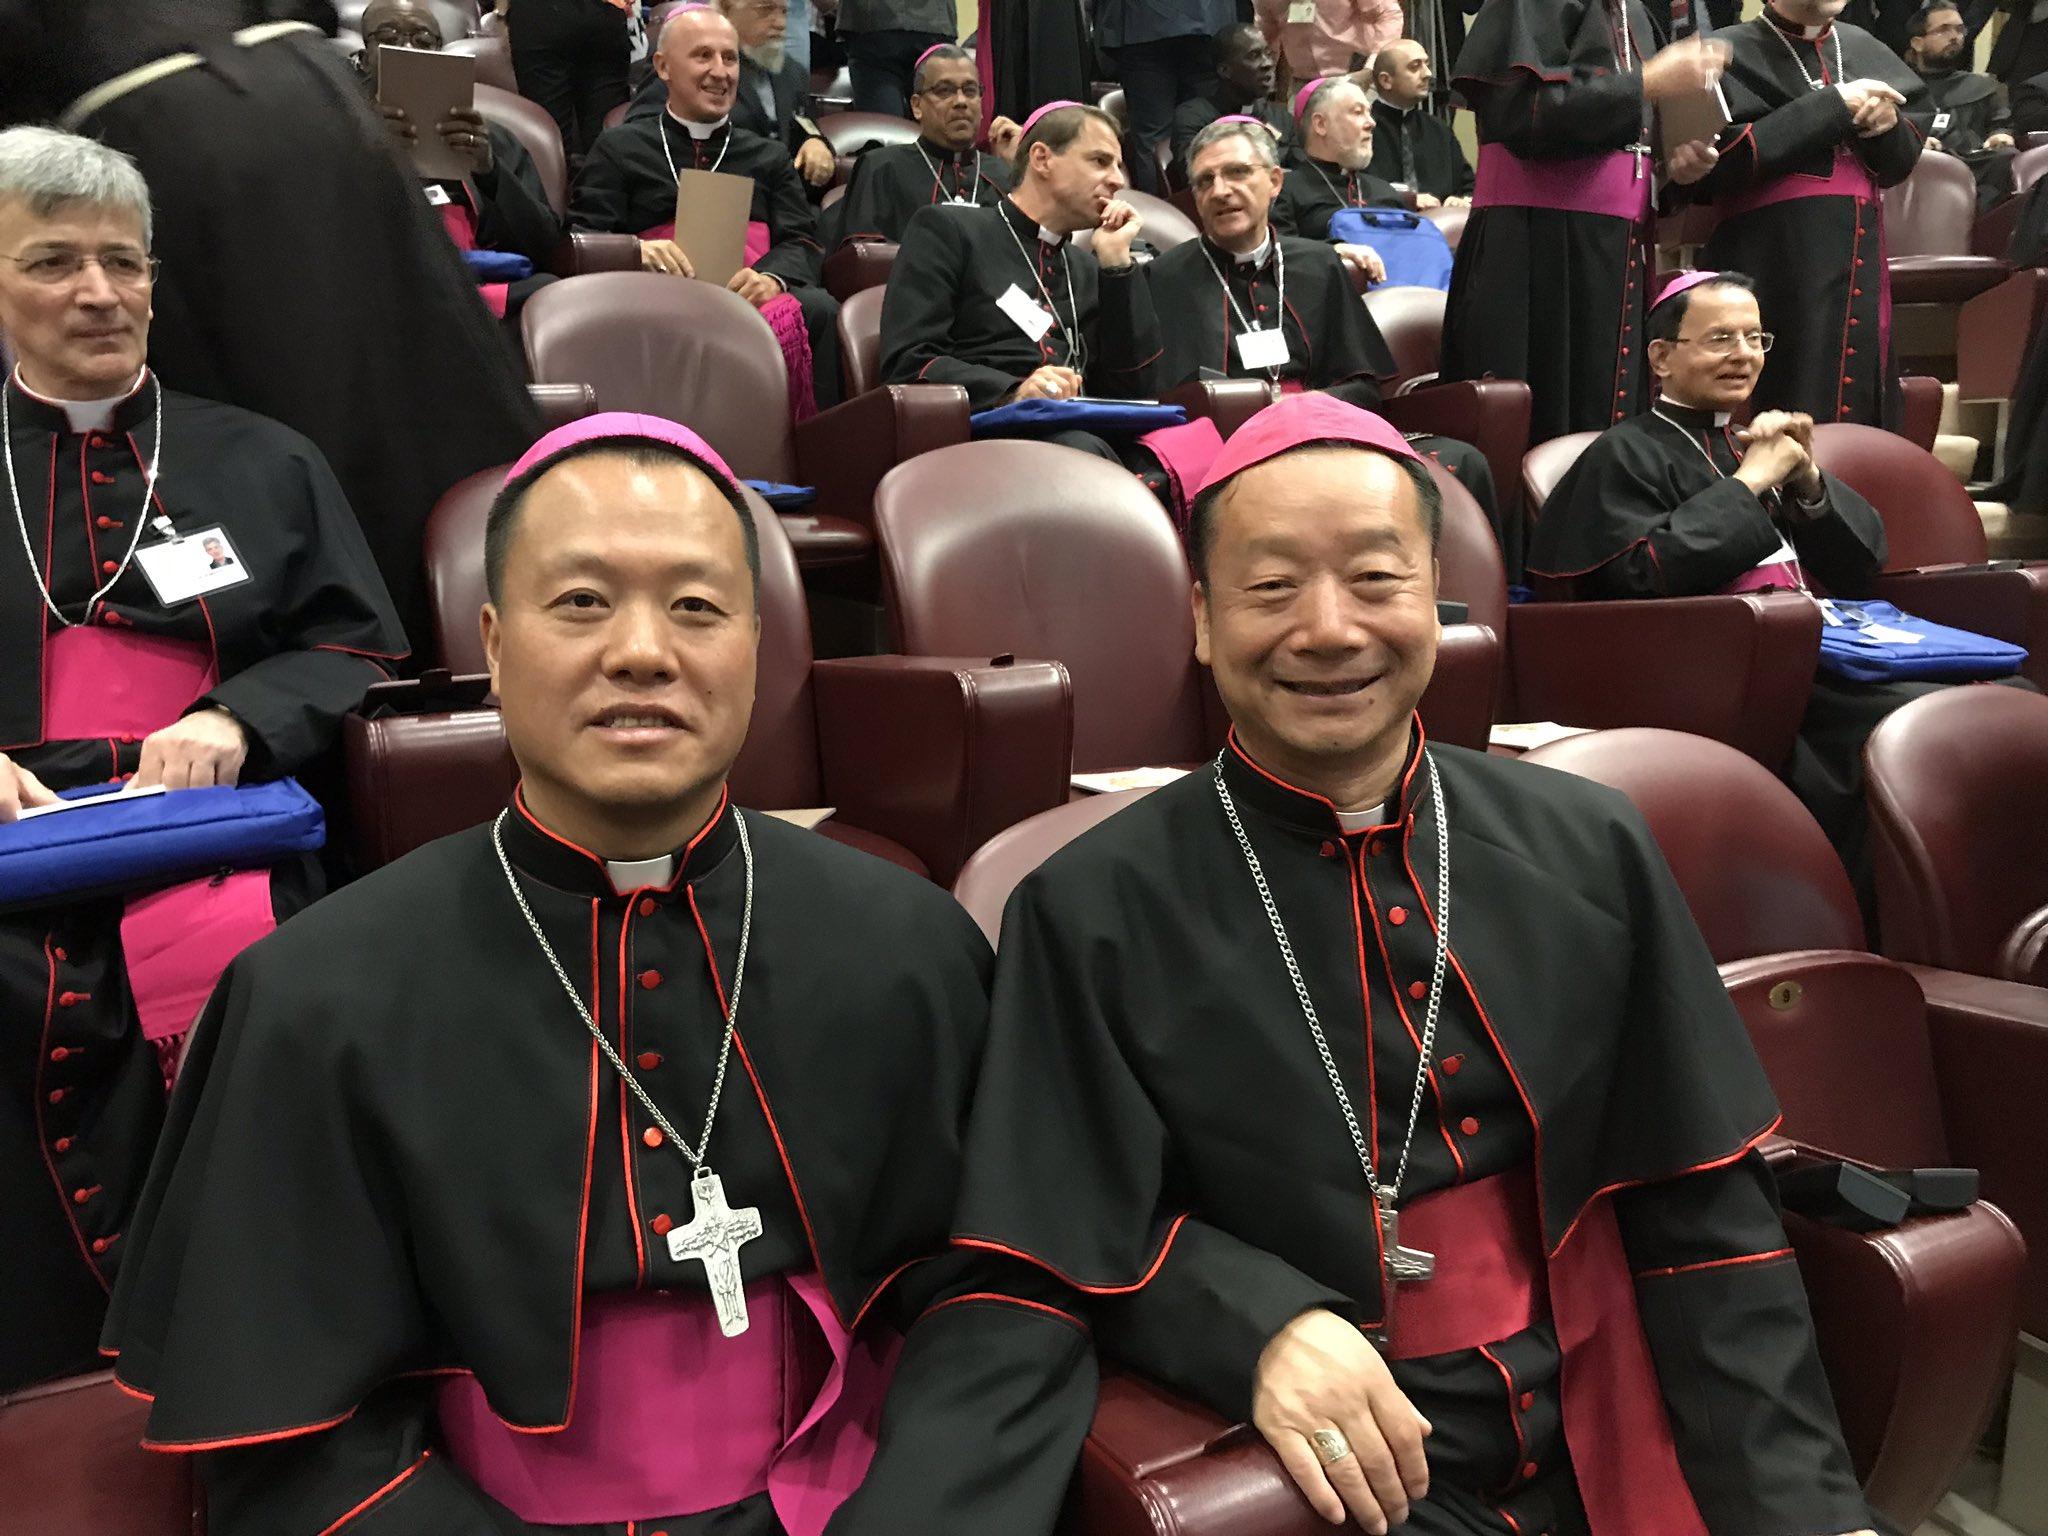 Los obispos chinos que participaron en el Sínodo de los obispos, octubre 2018 © Vatican Media